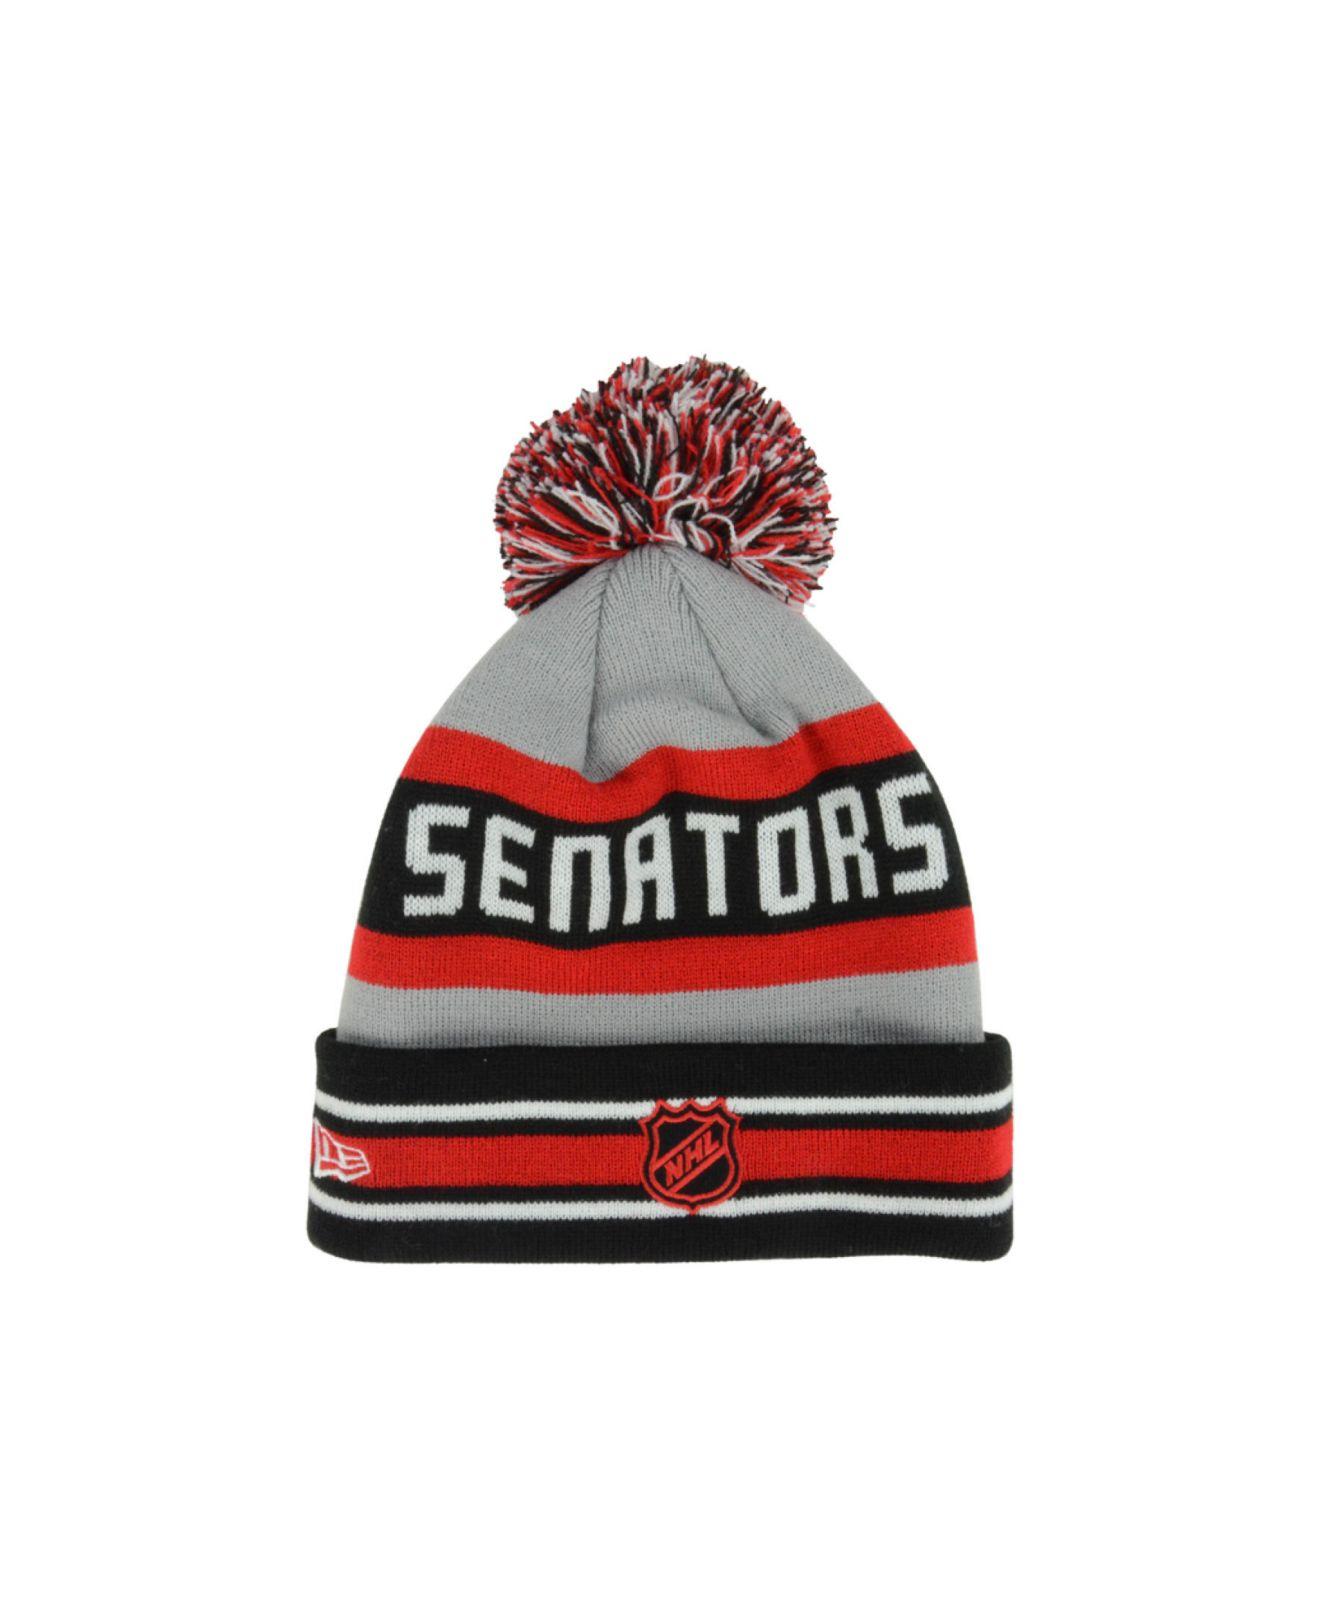 4f7b03e986b ... clearance lyst ktz ottawa senators jake pom knit hat in gray for men  dda56 1787e